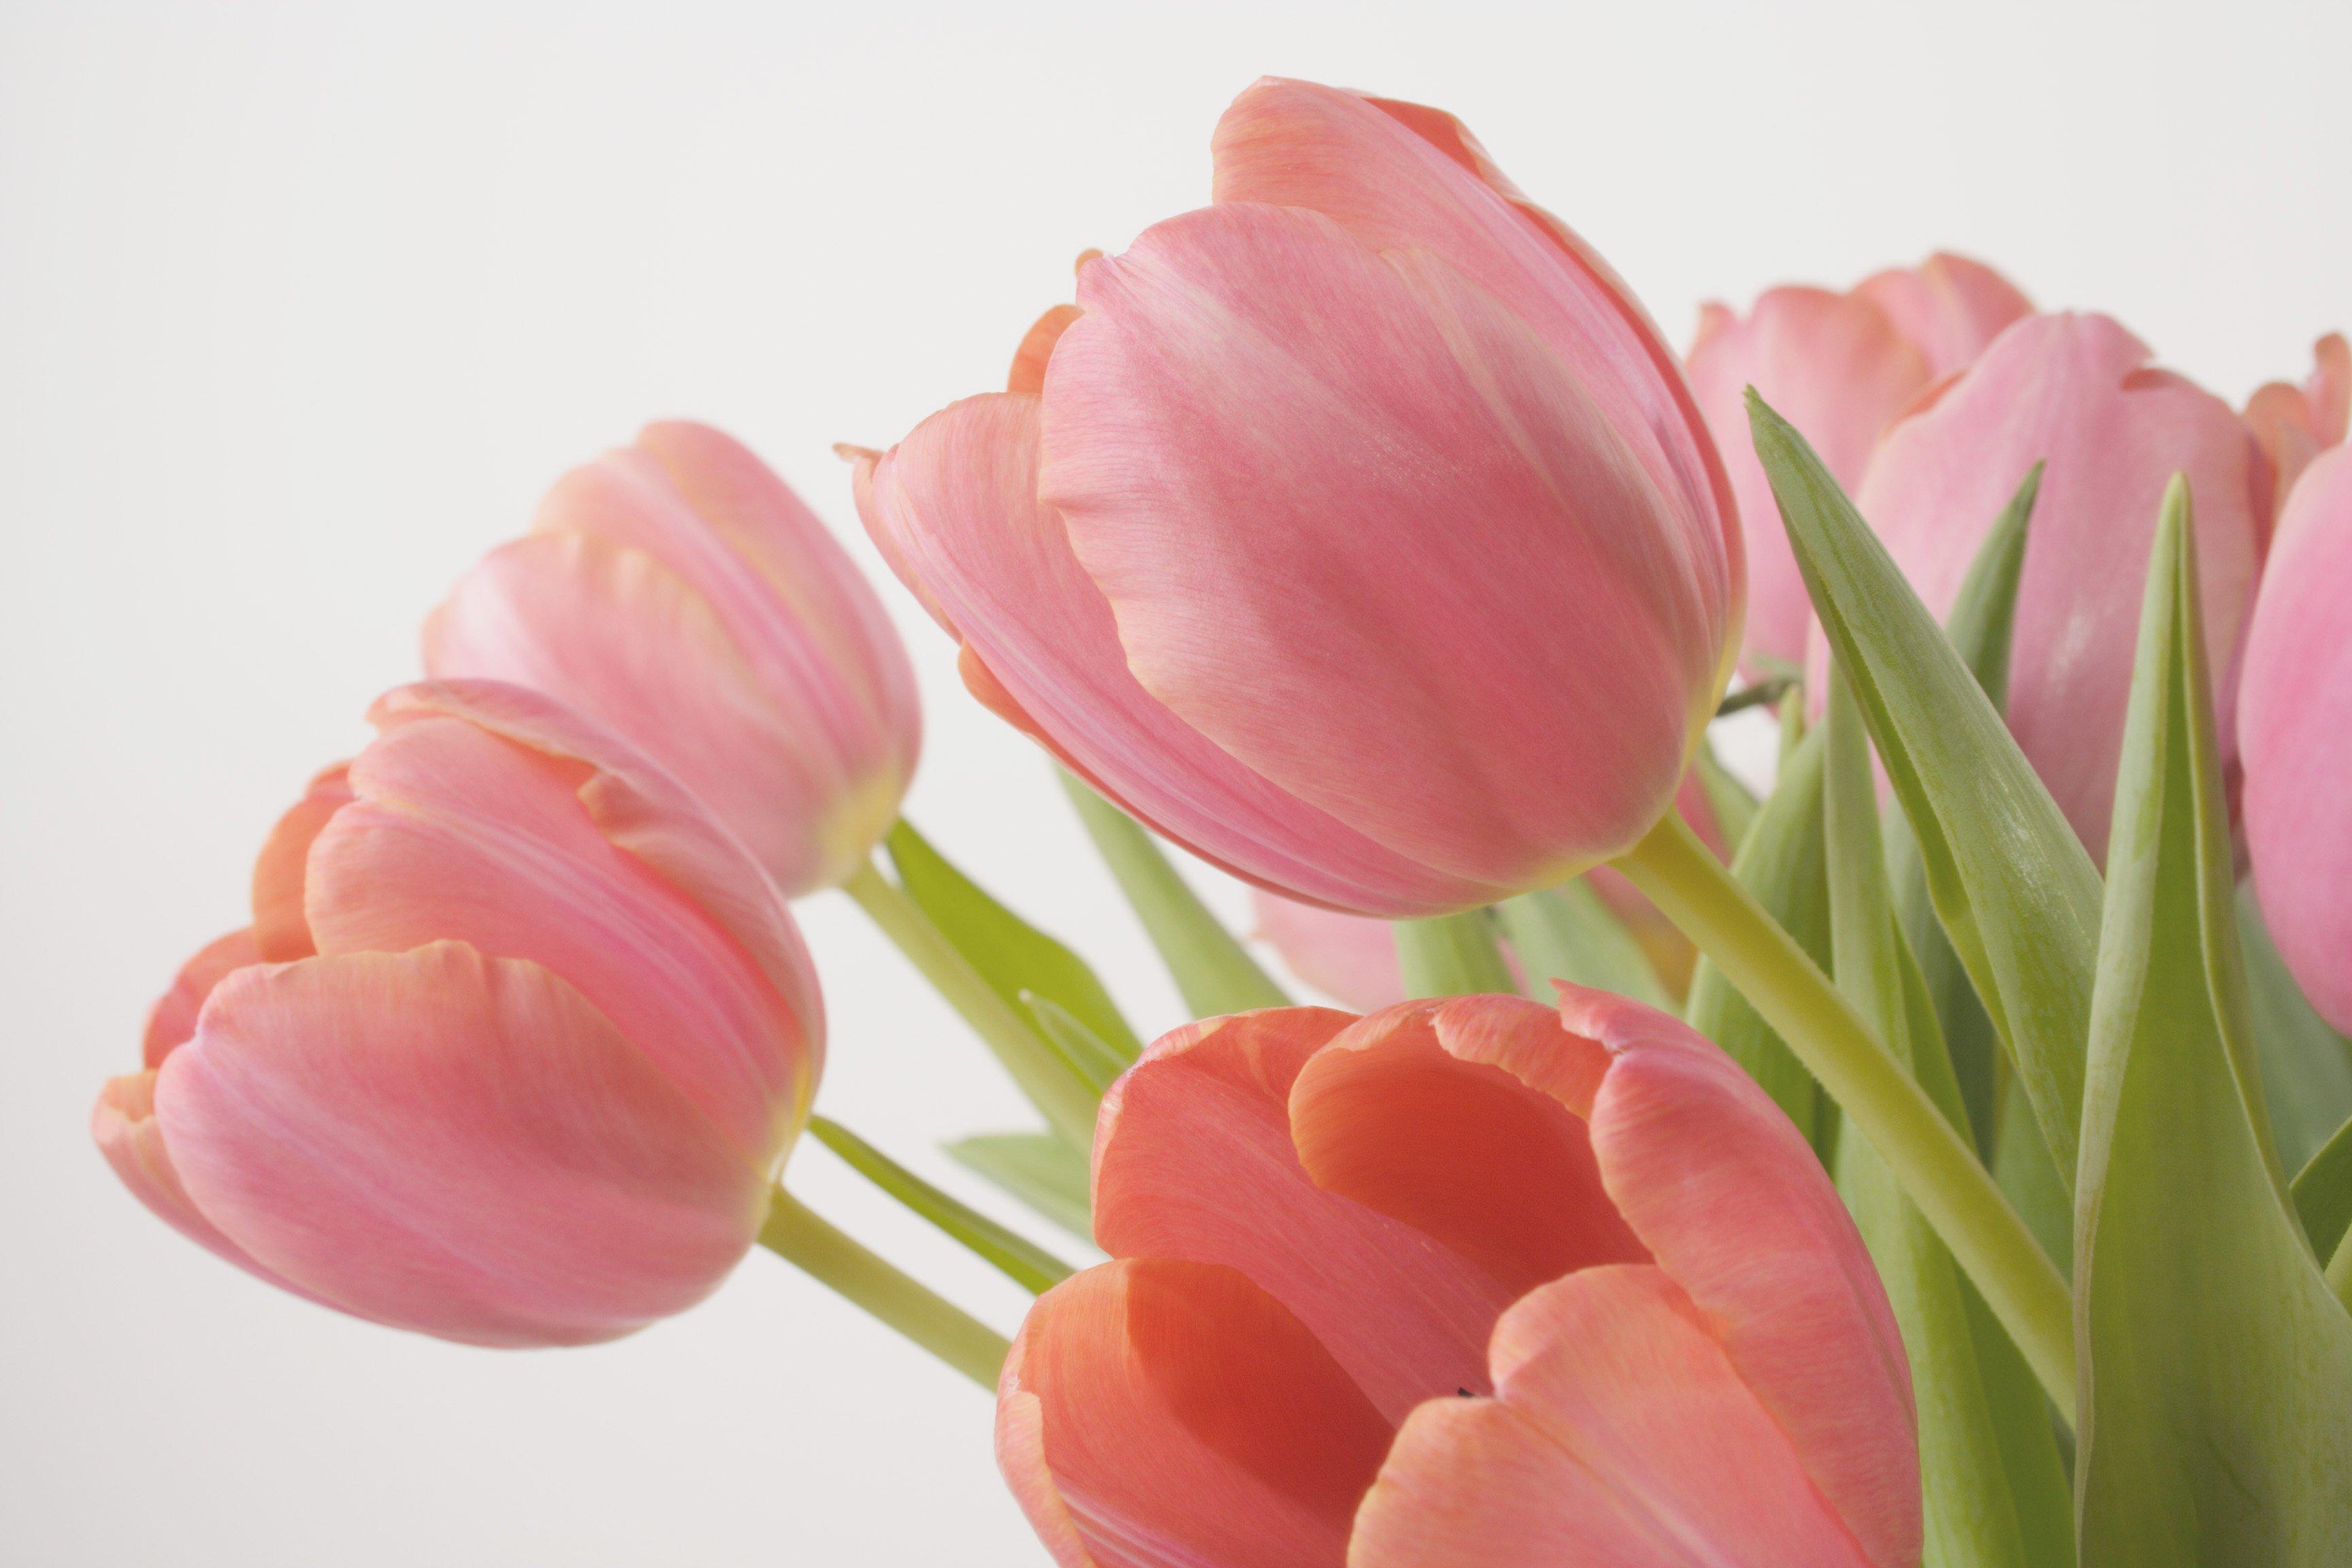 Wonderful varieties of tulips